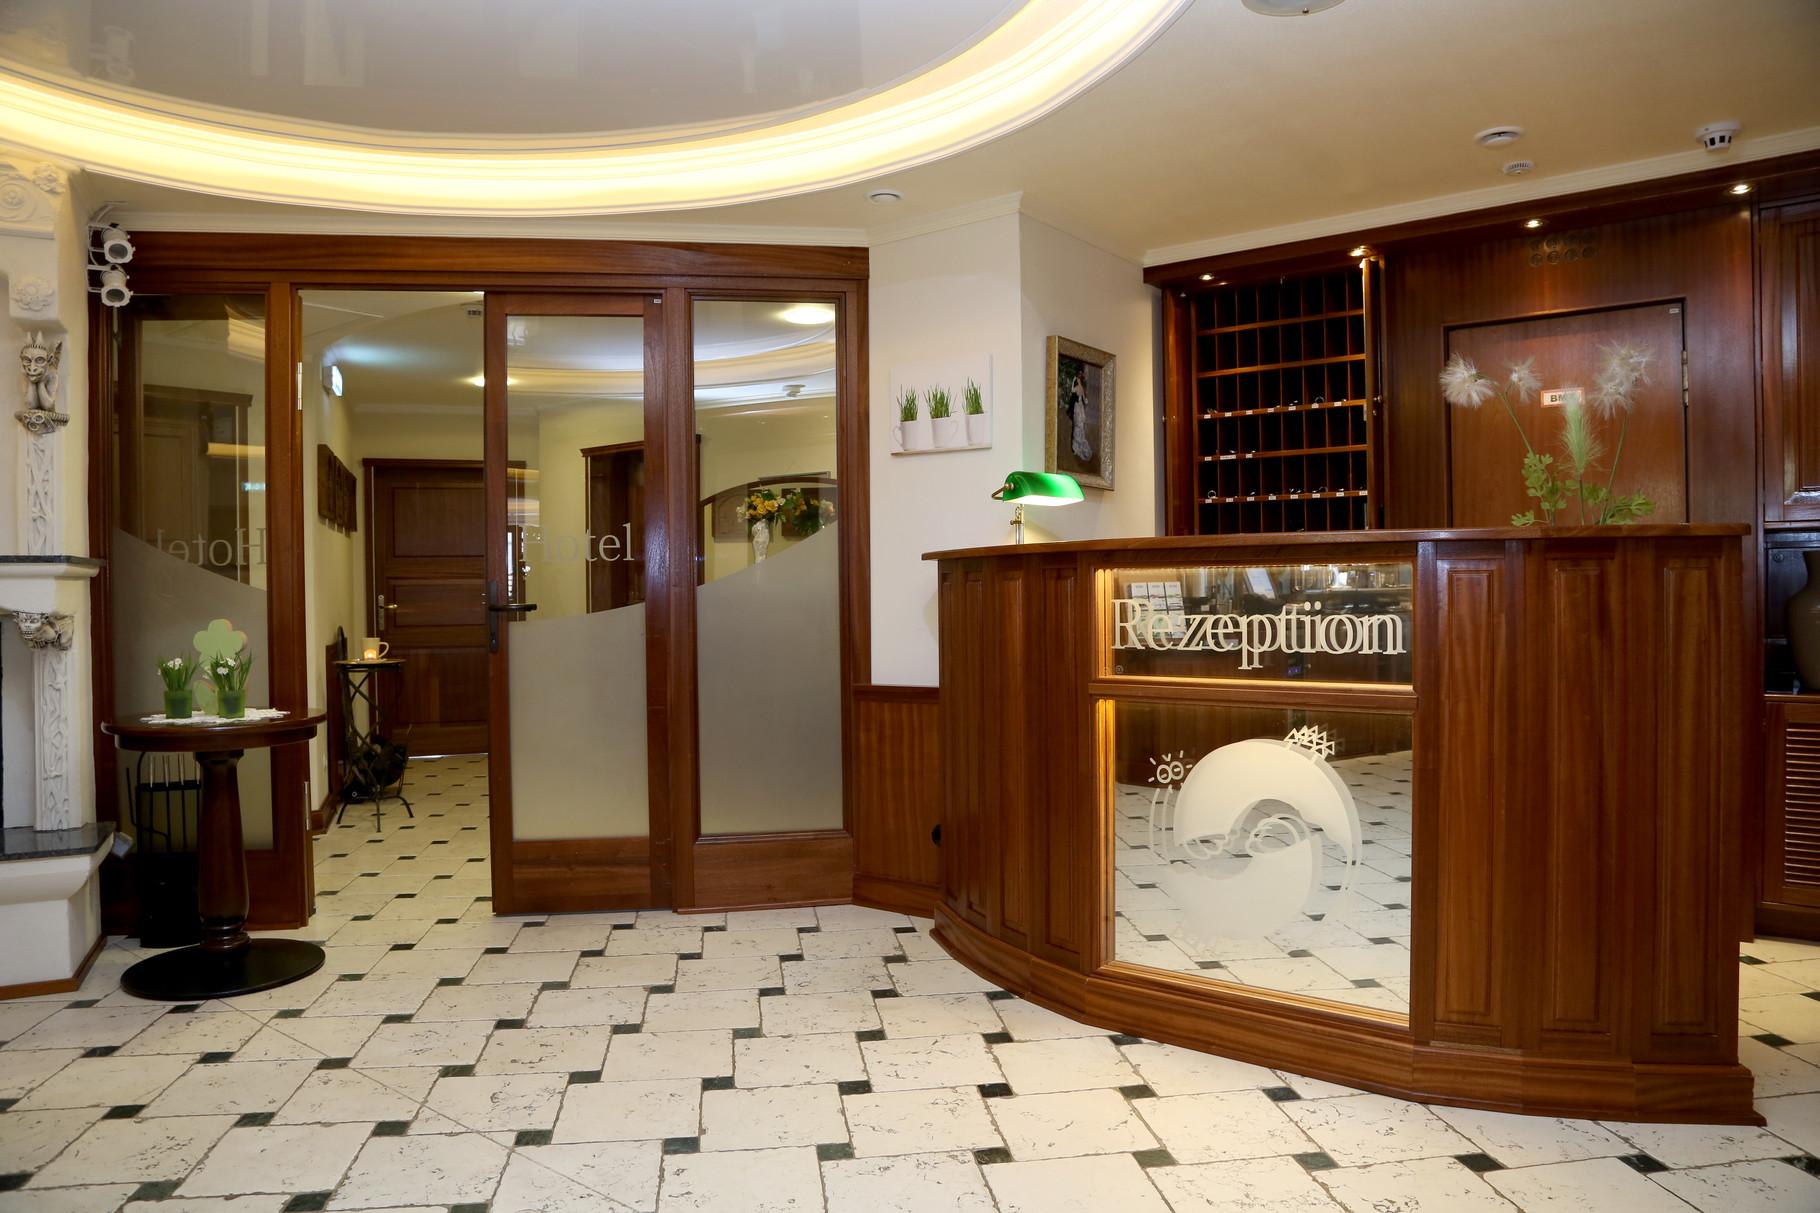 HoWeCa - Objekteinrichtungen, Hoteleinrichtungen